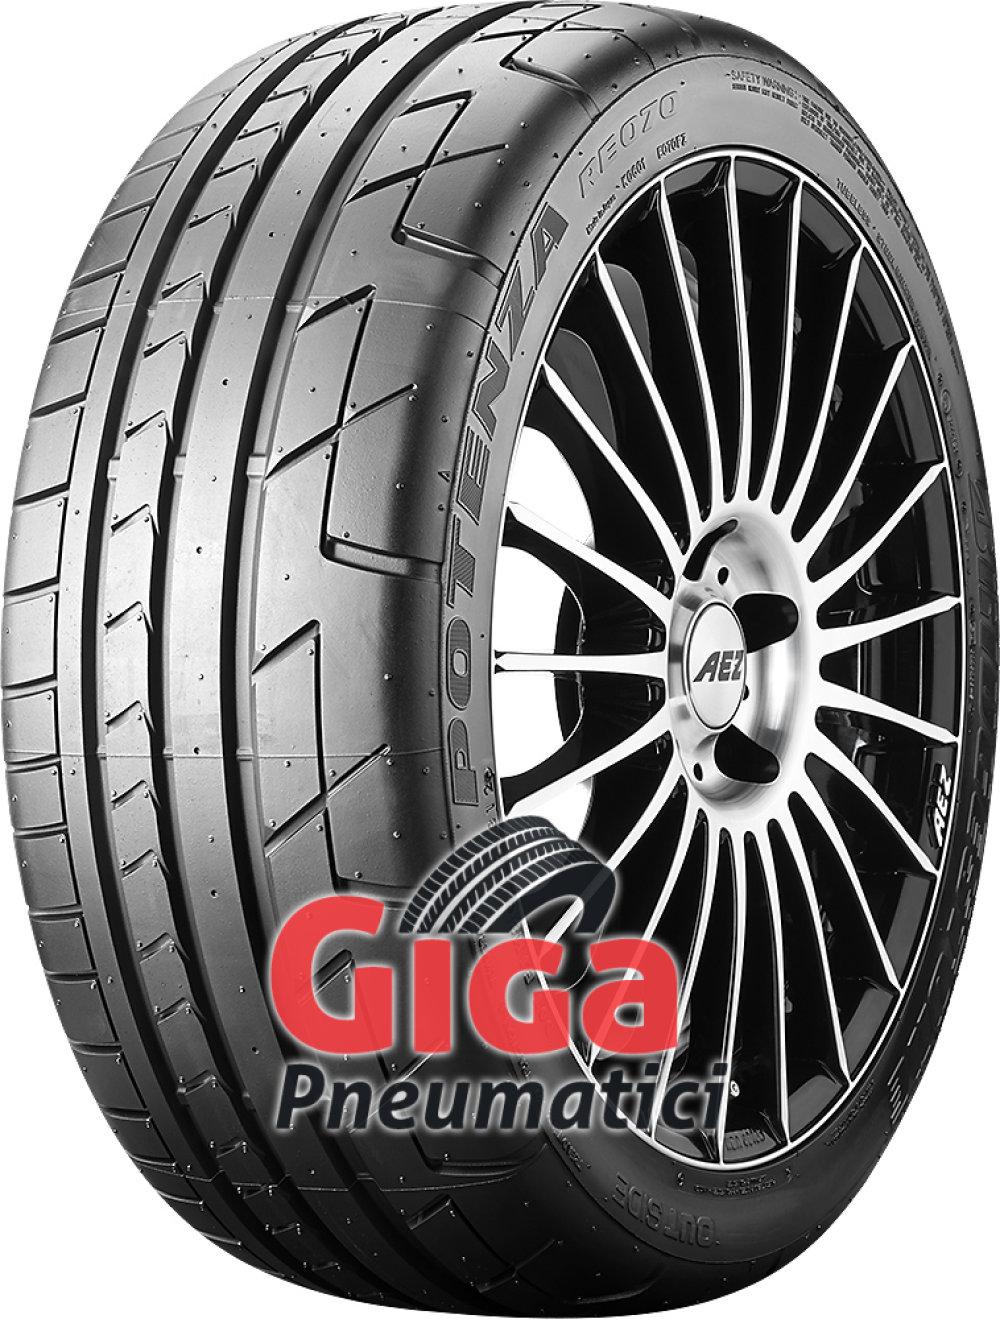 Bridgestone Potenza RE 070 ( 305/30 ZR20 (99Y) )